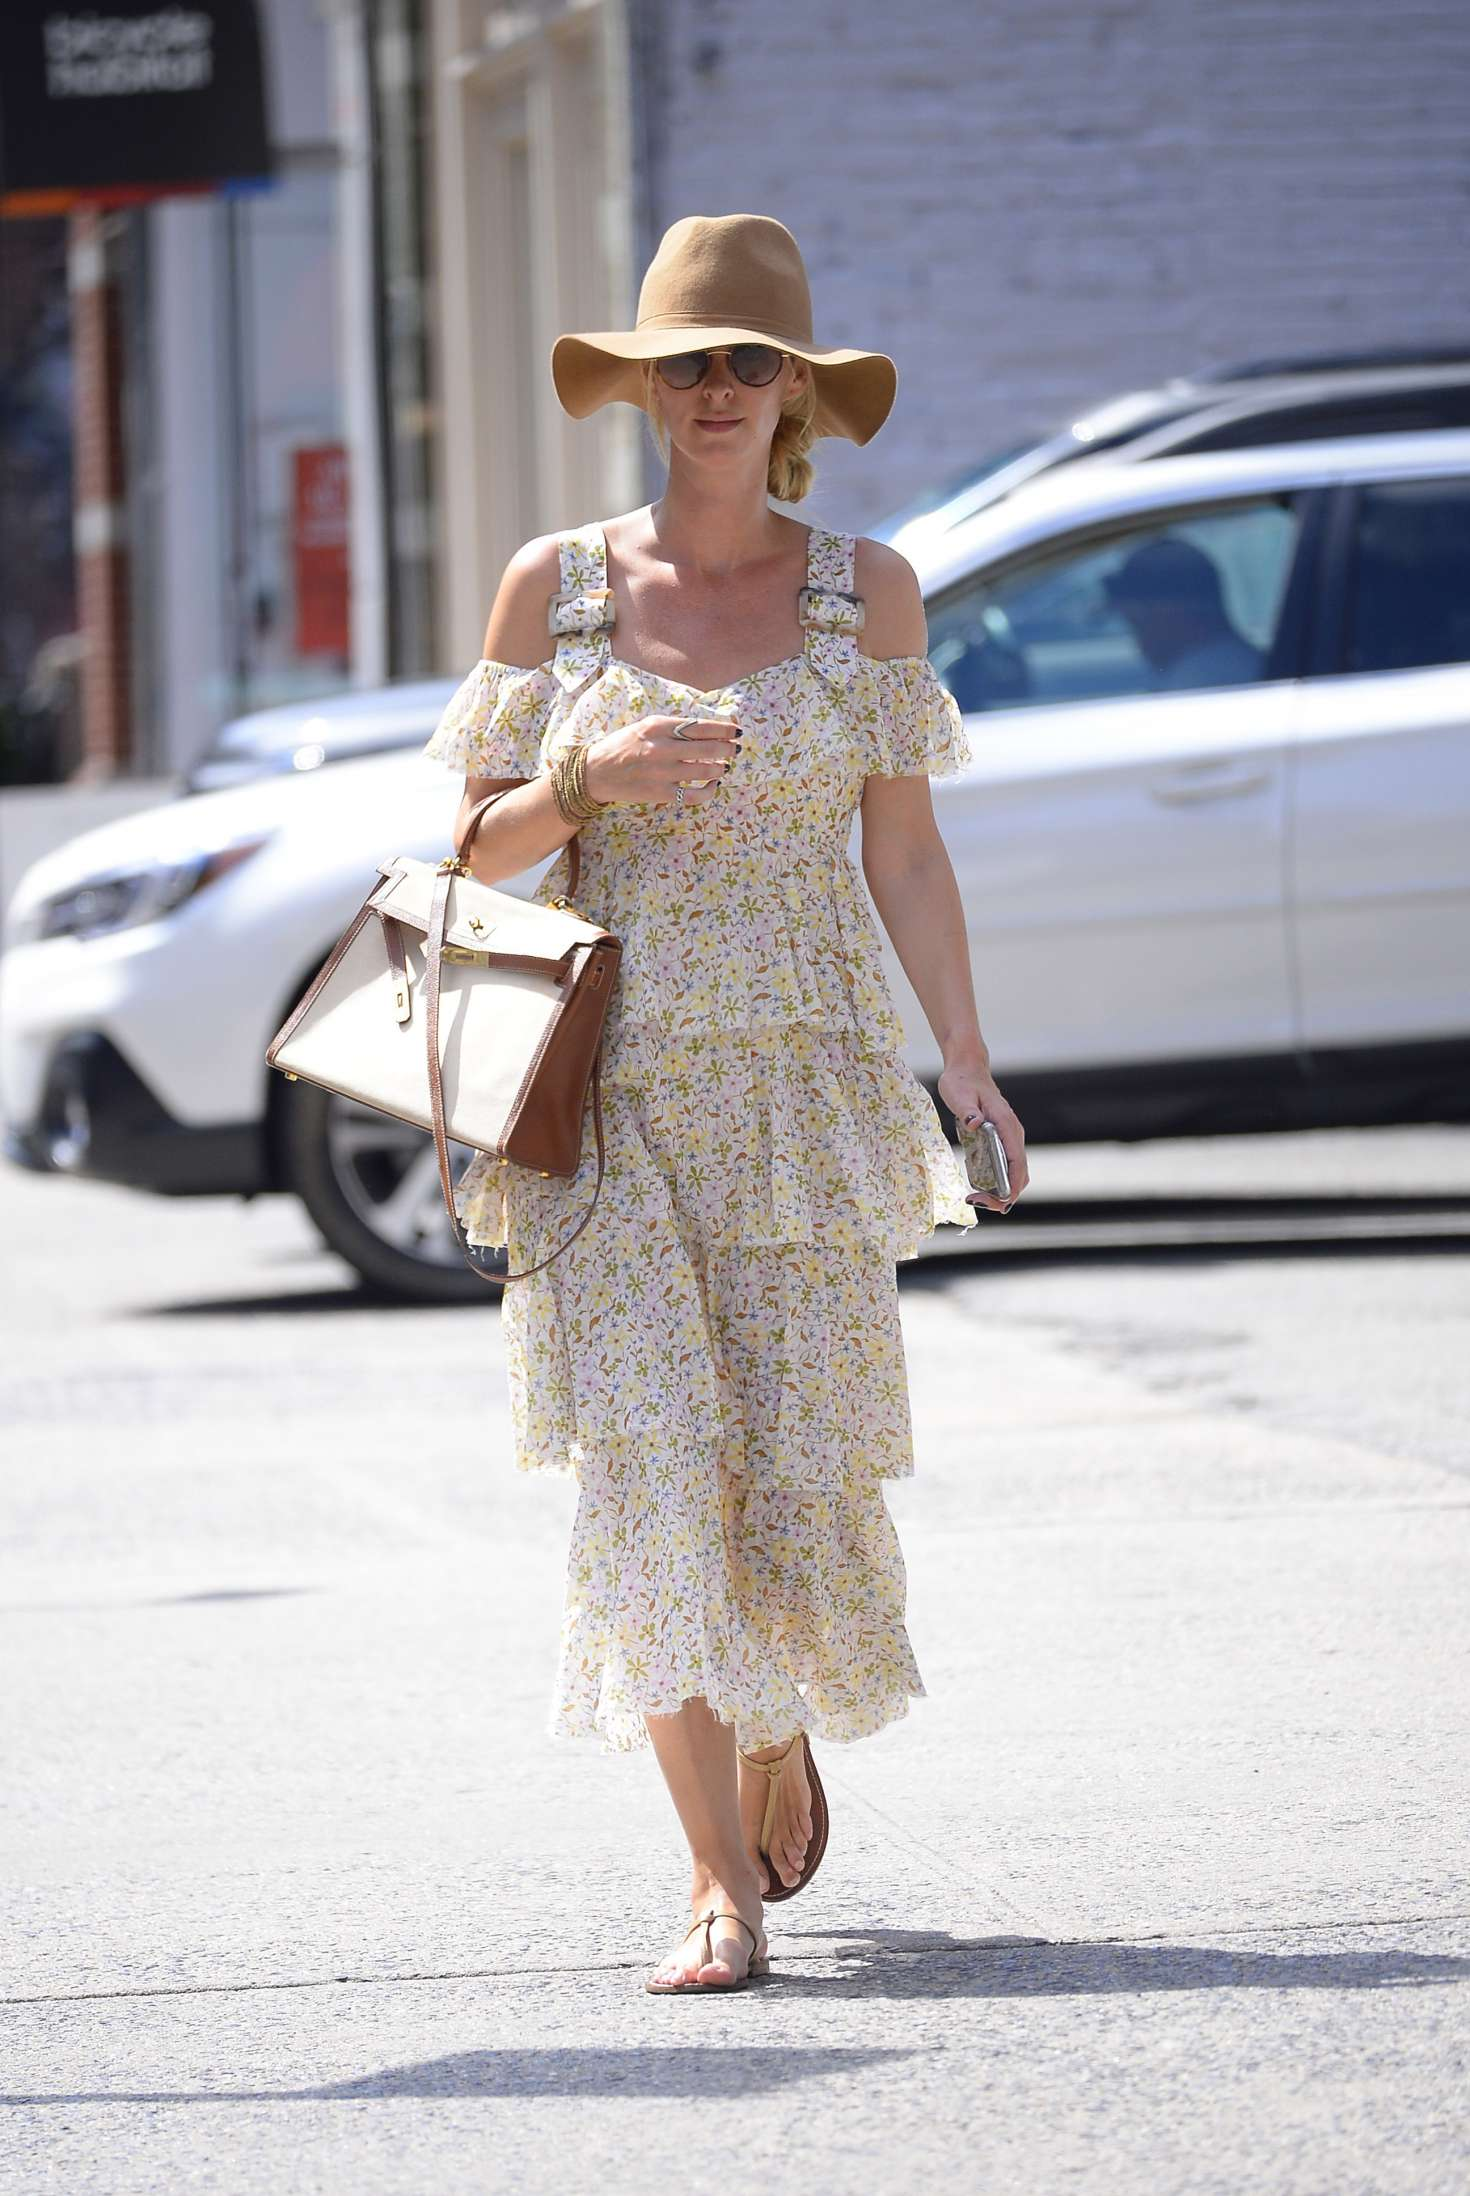 Nicky Hilton 2018 : Nicky Hilton in Floral Print Dress -02